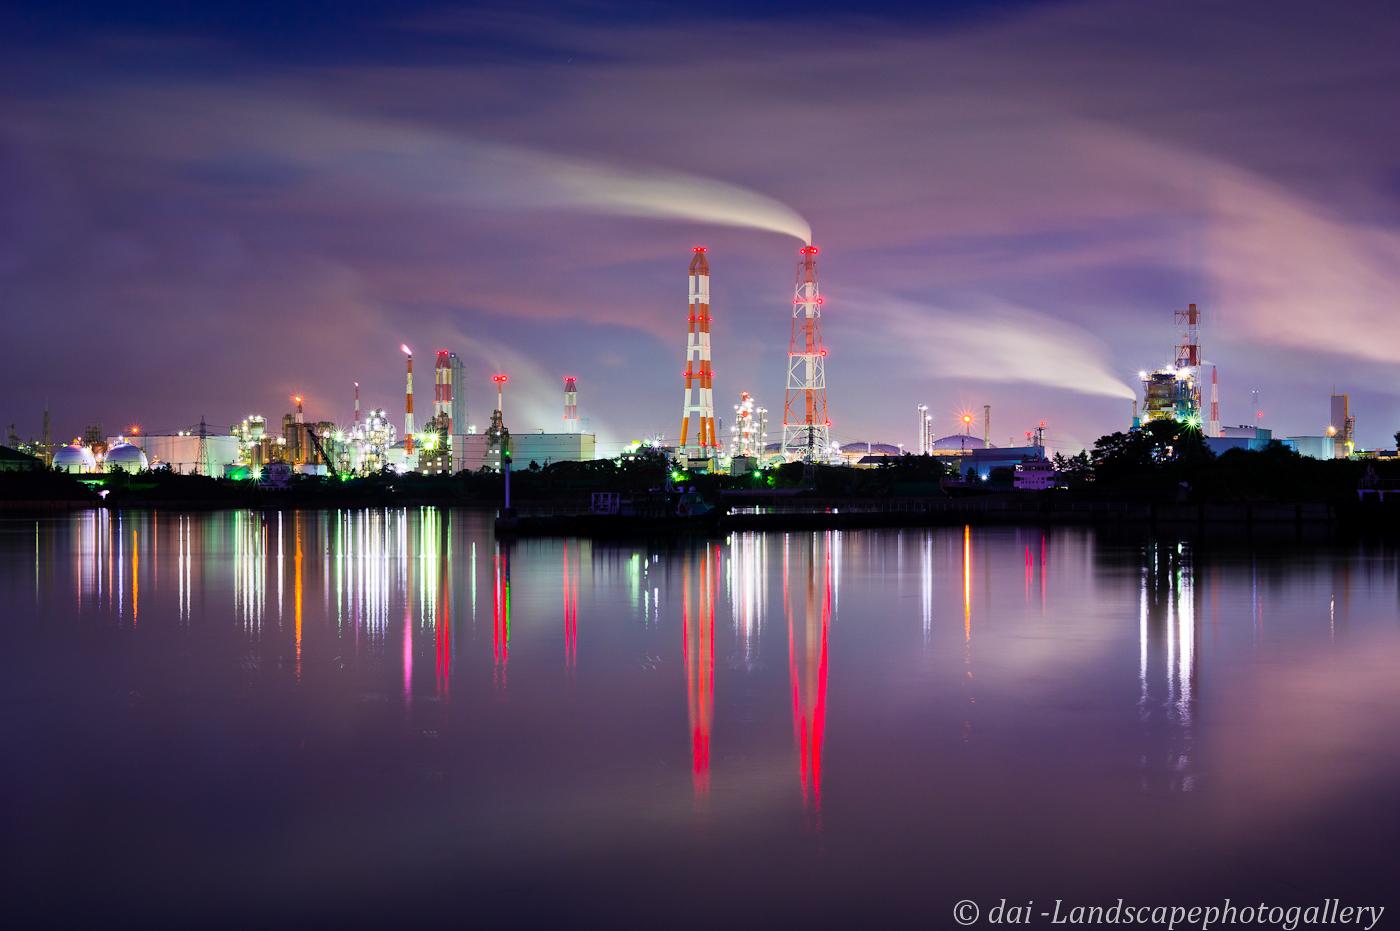 千葉港袖ヶ浦工場夜景